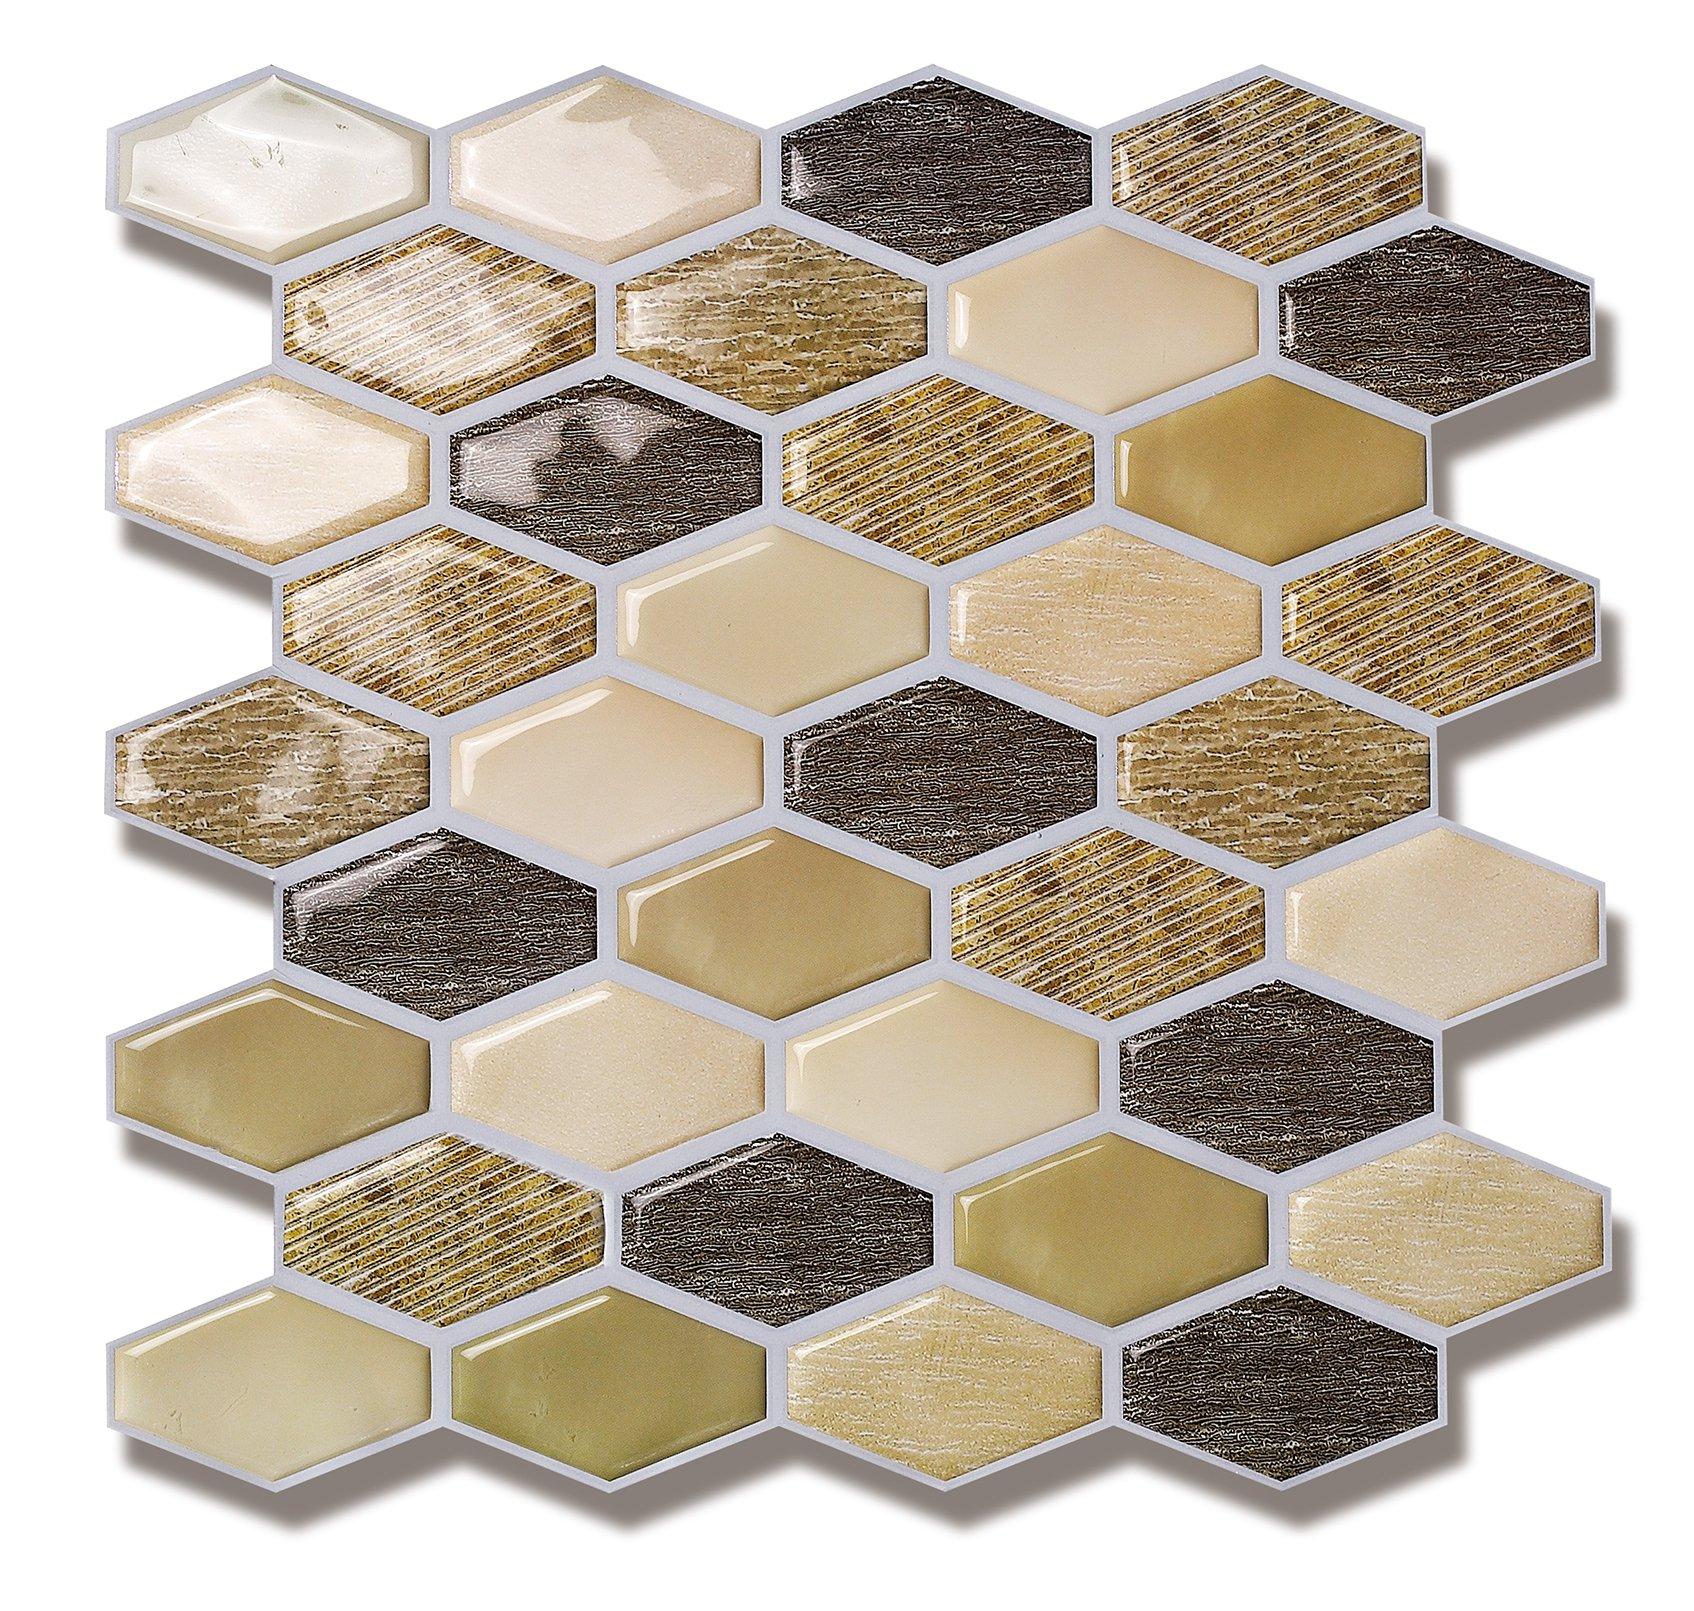 Peel and Stick Backsplash Tile for Kitchen in Beige (6 Tiles) by Backsplash World